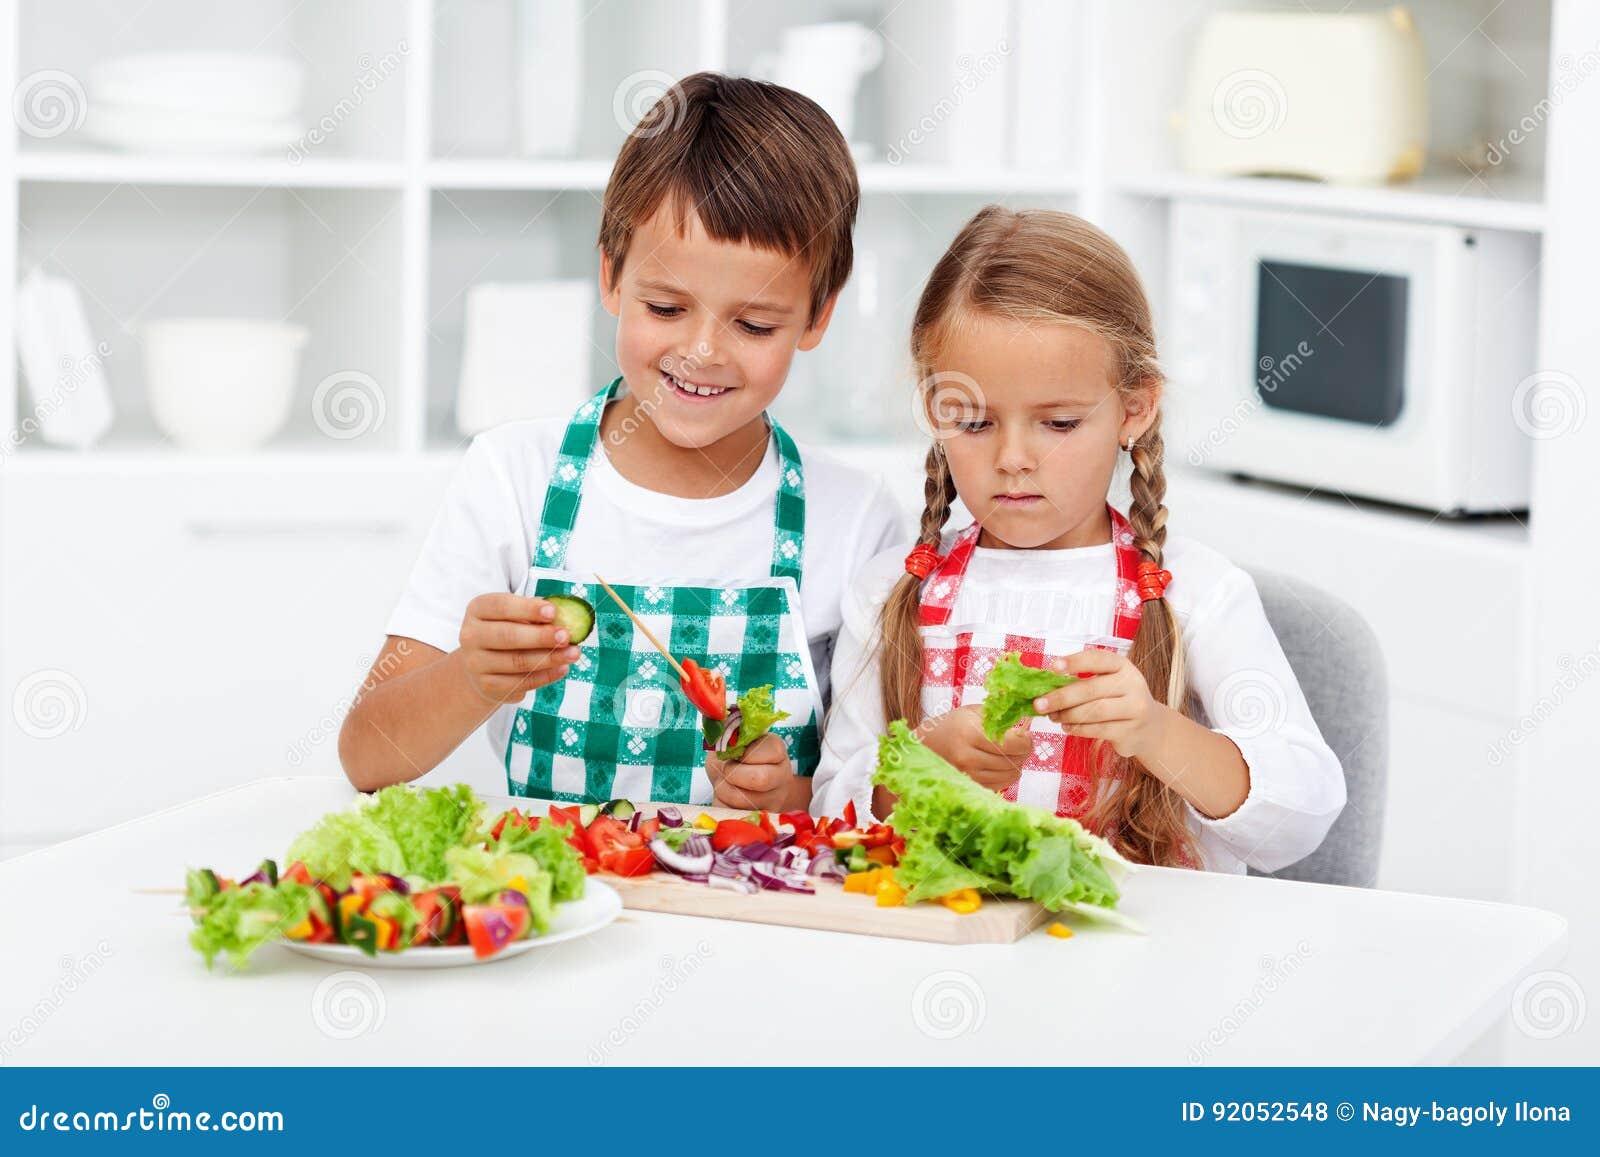 kinder die gem se auf einem stock f r einen gesunden snack vorbereiten stockfoto bild von. Black Bedroom Furniture Sets. Home Design Ideas